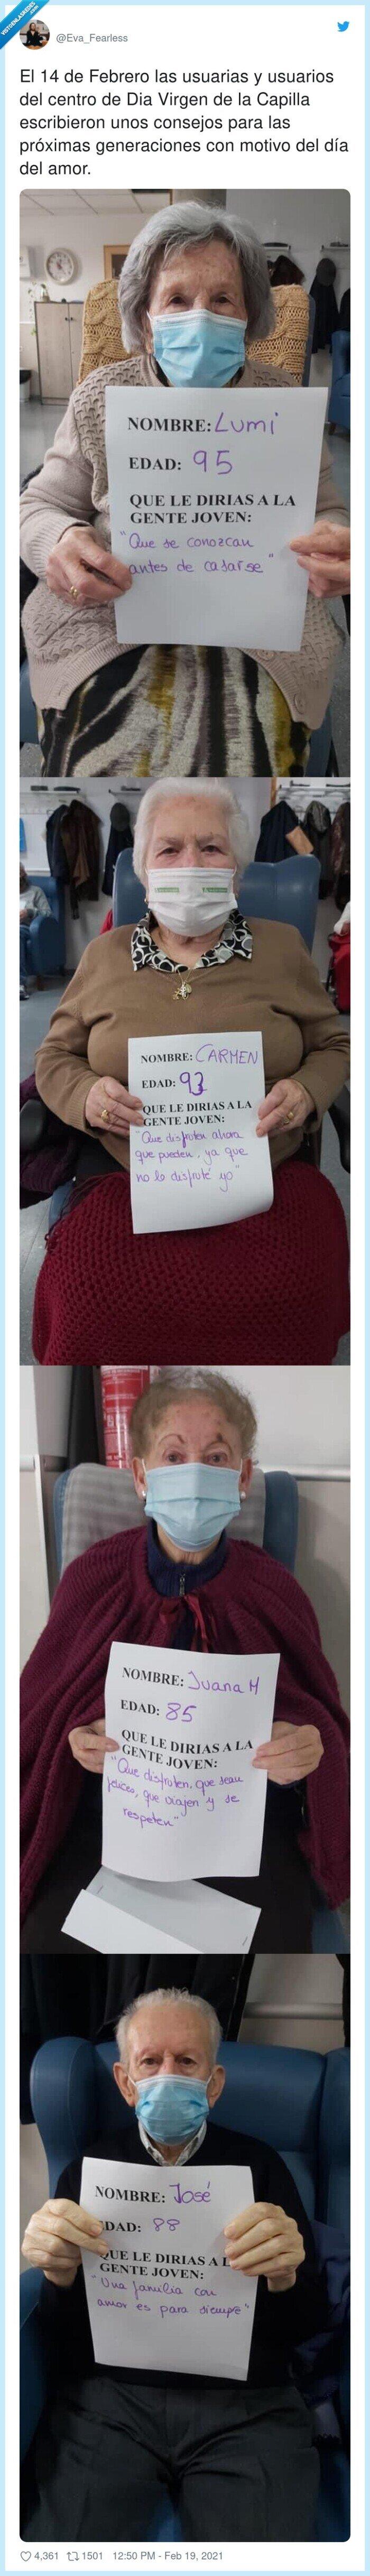 ancianos,consejos,generaciones